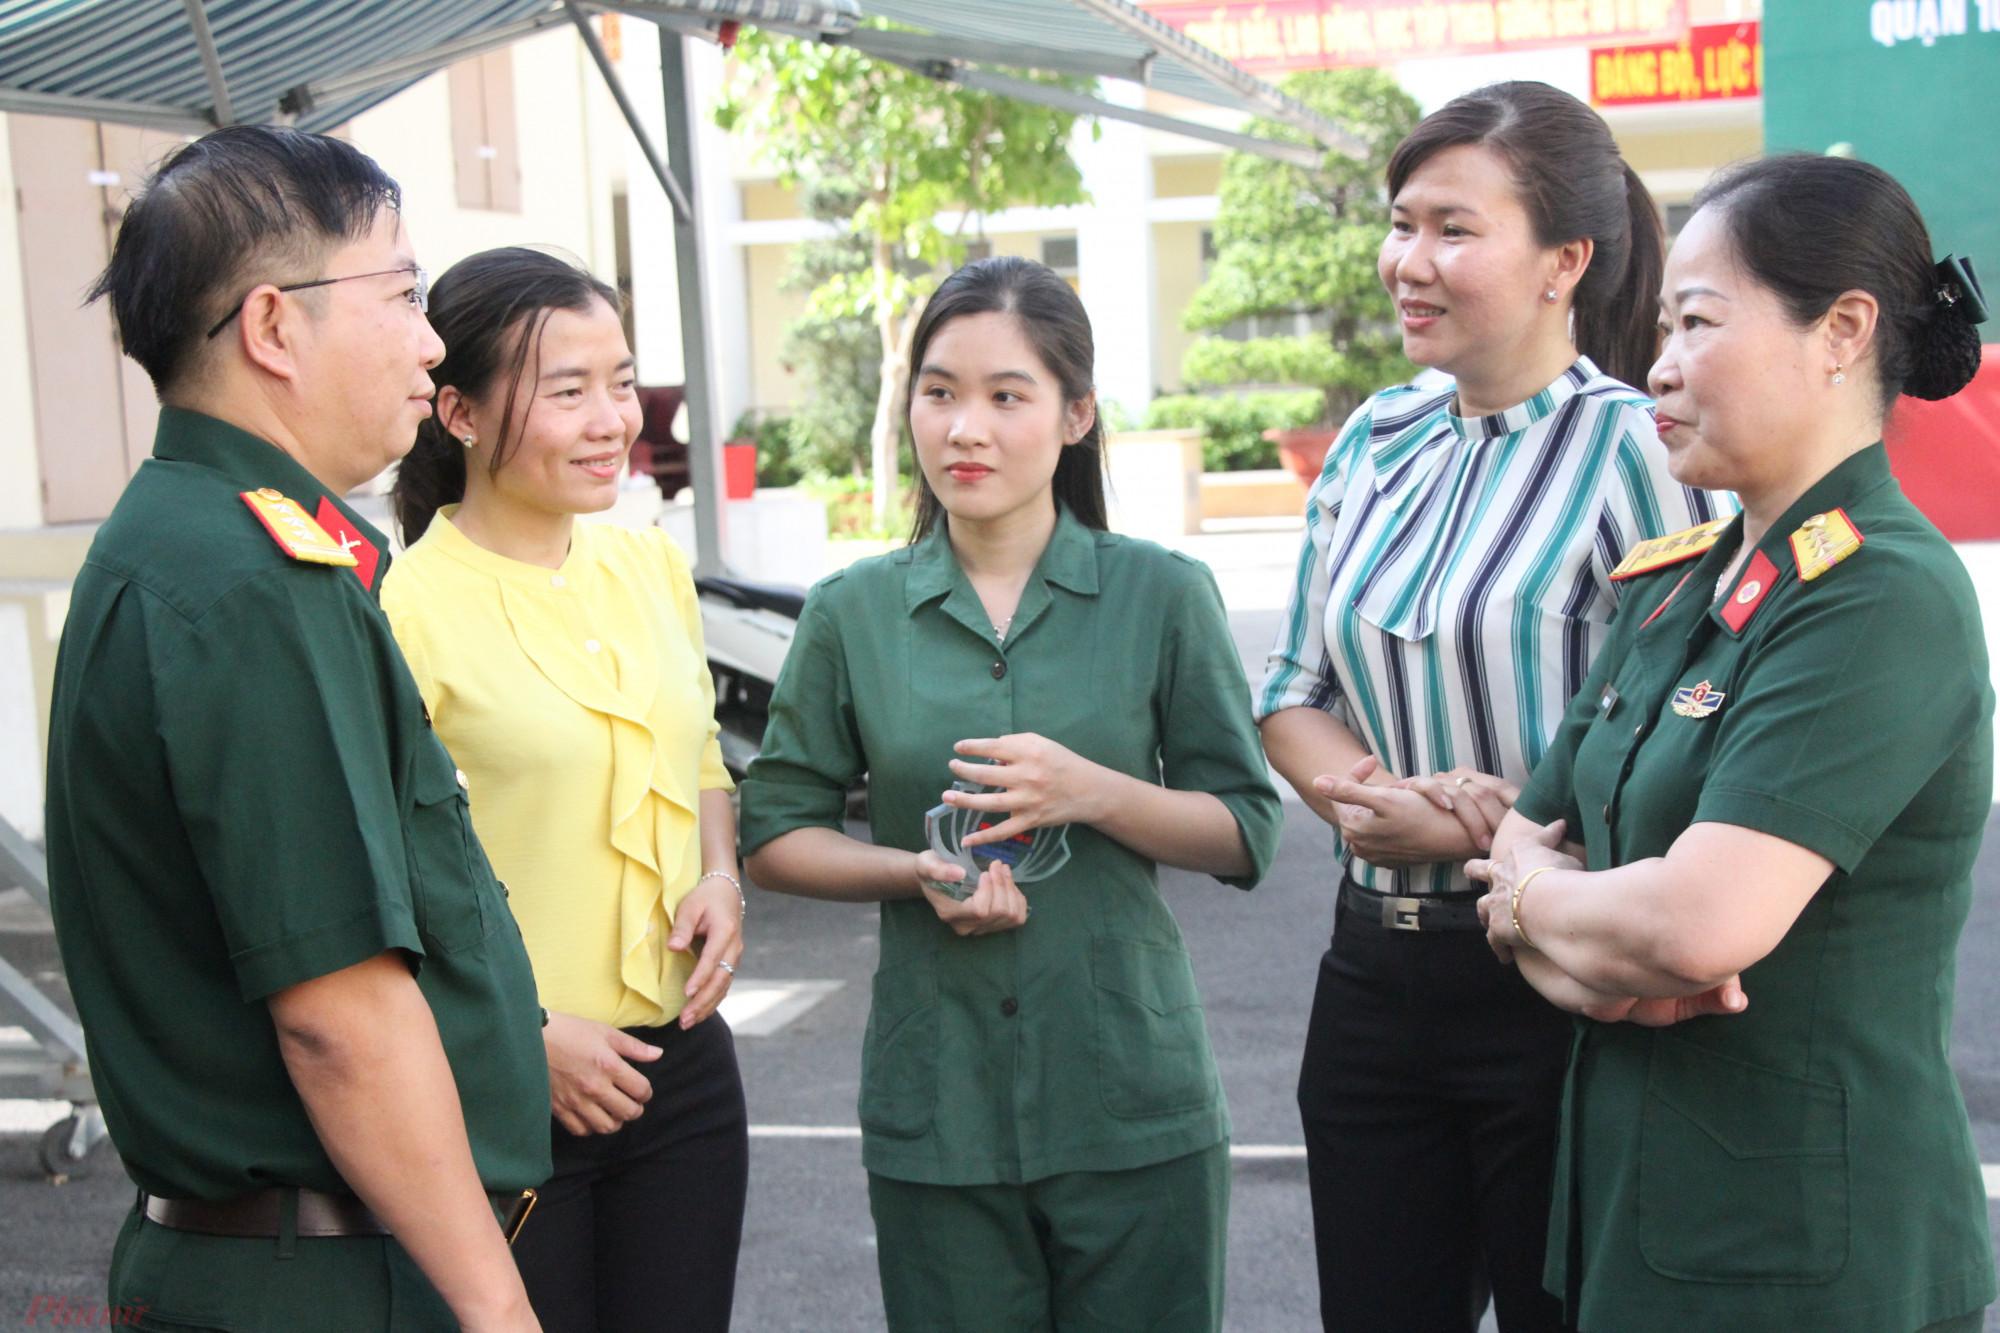 Nữ tân binh Nguyễn Thị Lan Hương (giữa) rạng ngời trong màu áo tân binh.